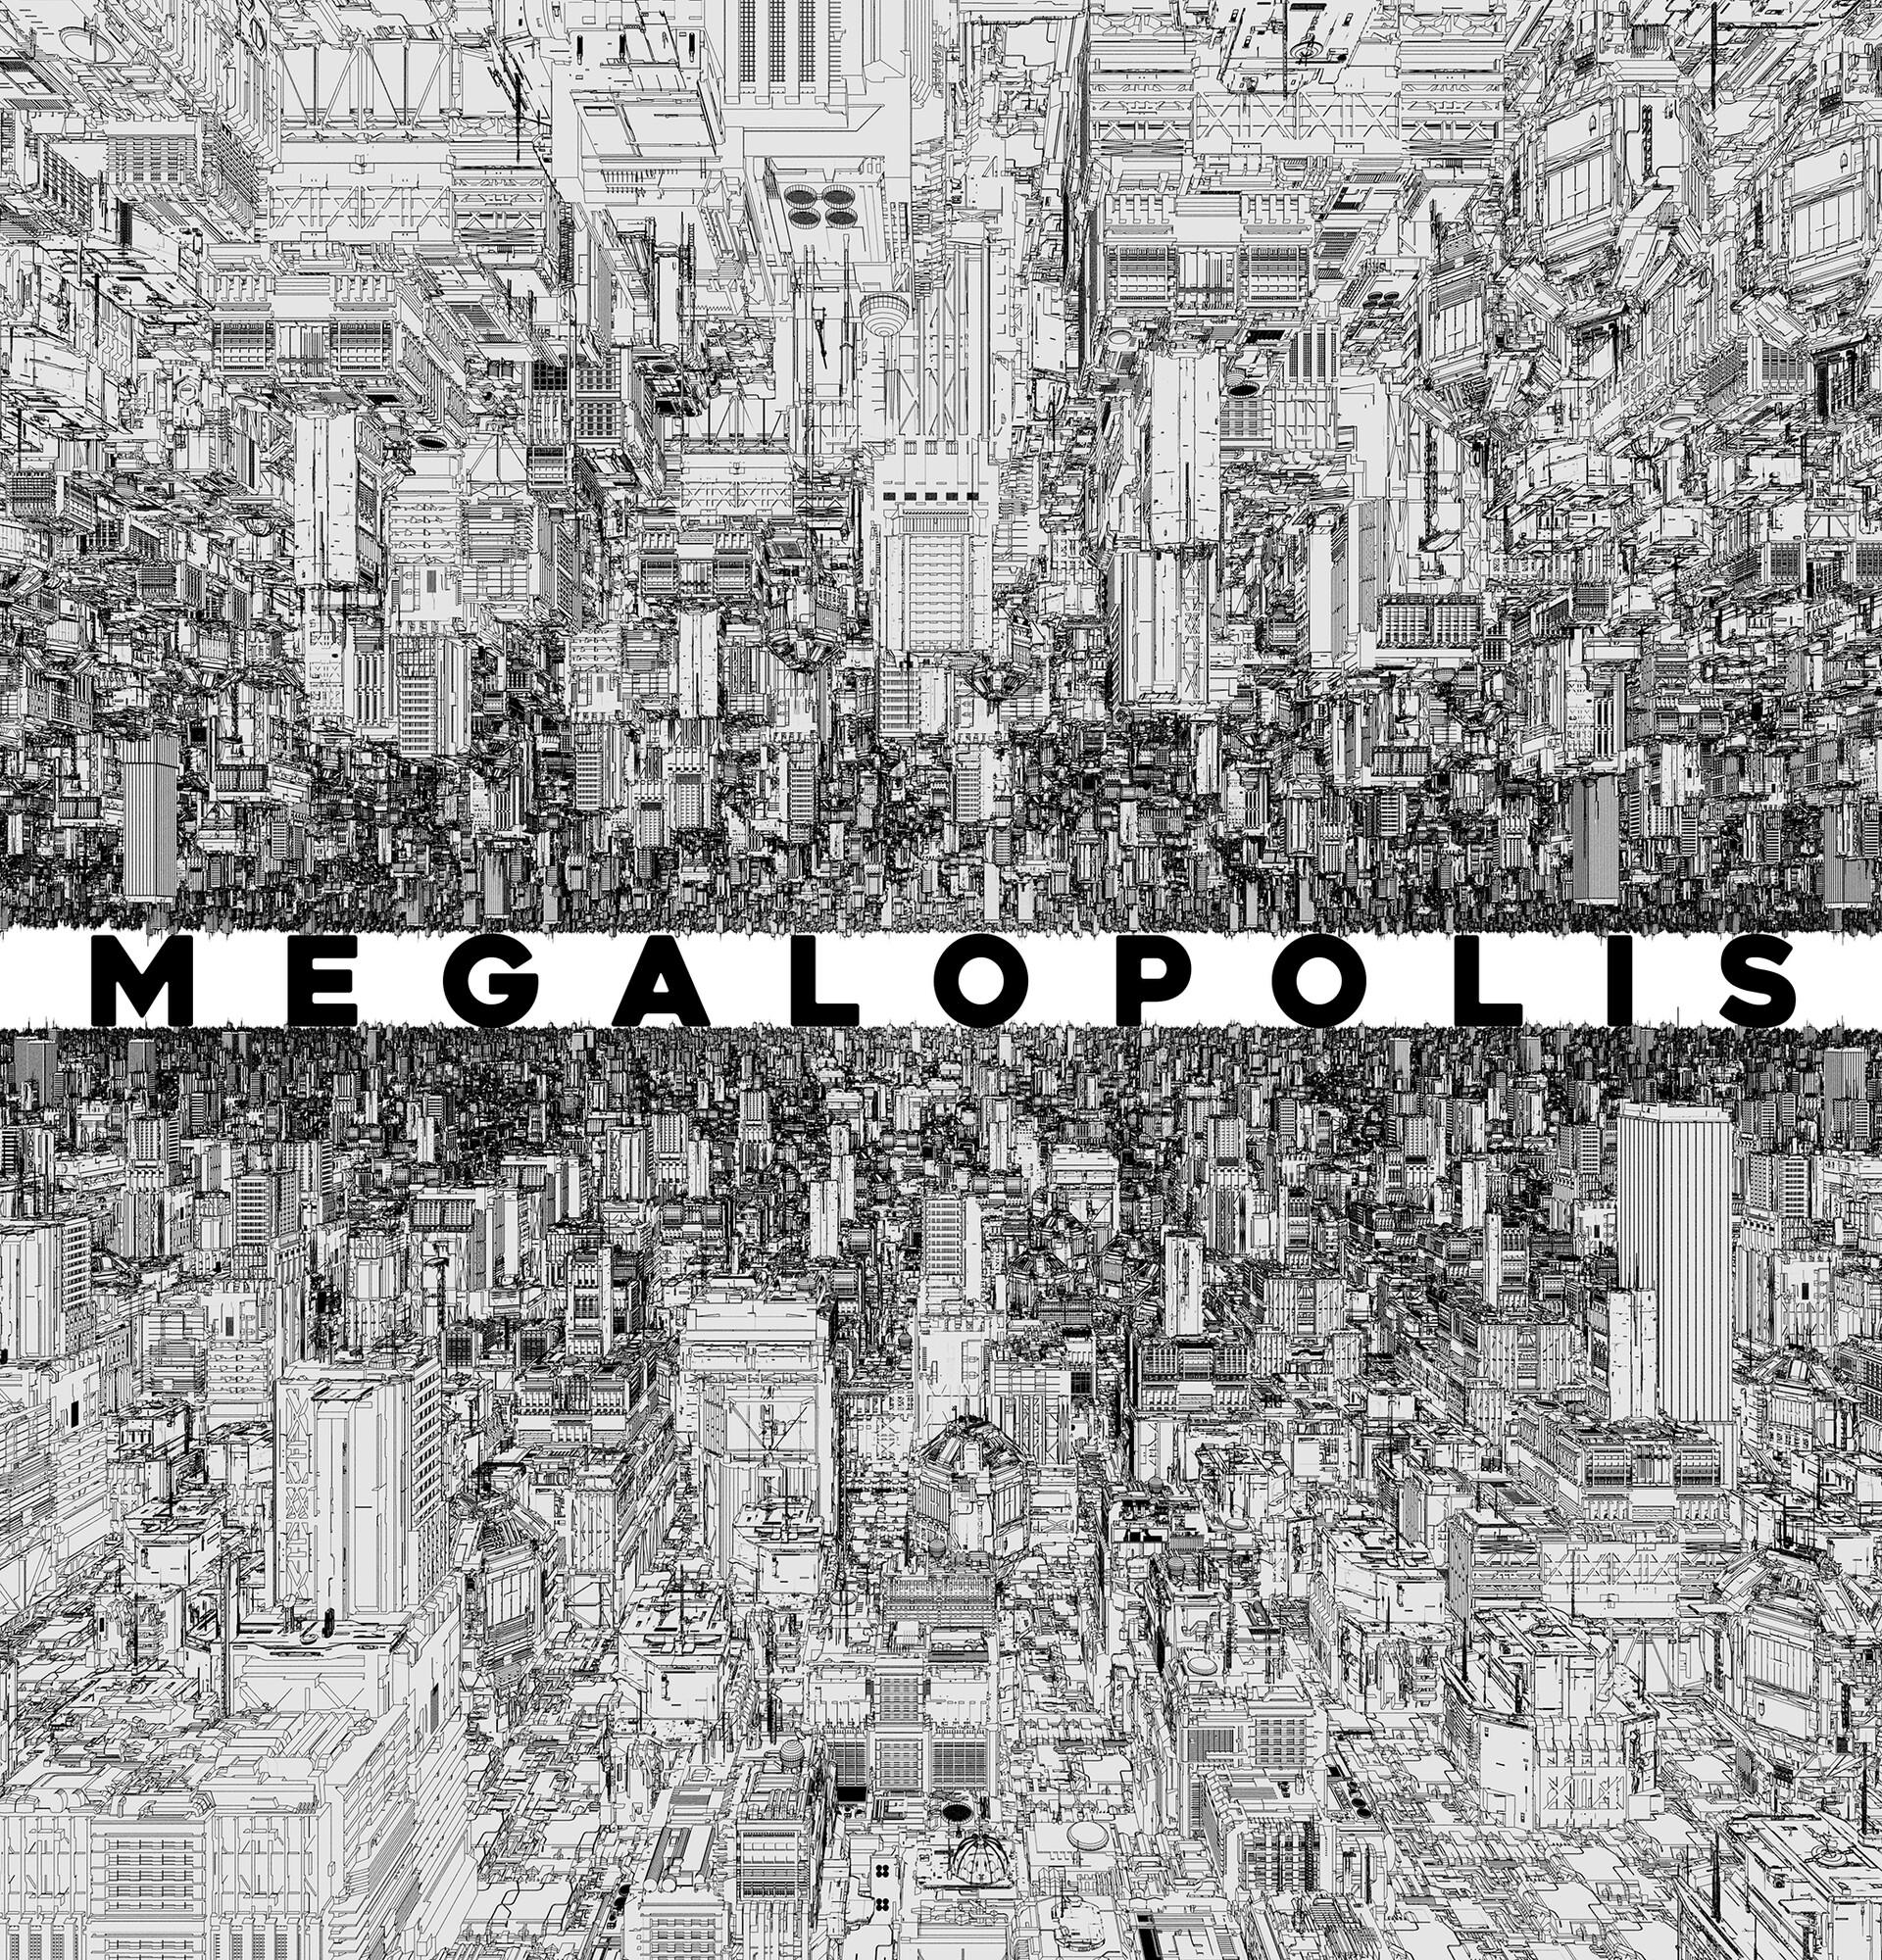 Benjamin bardou blockscatter outline megalopolis 001 low